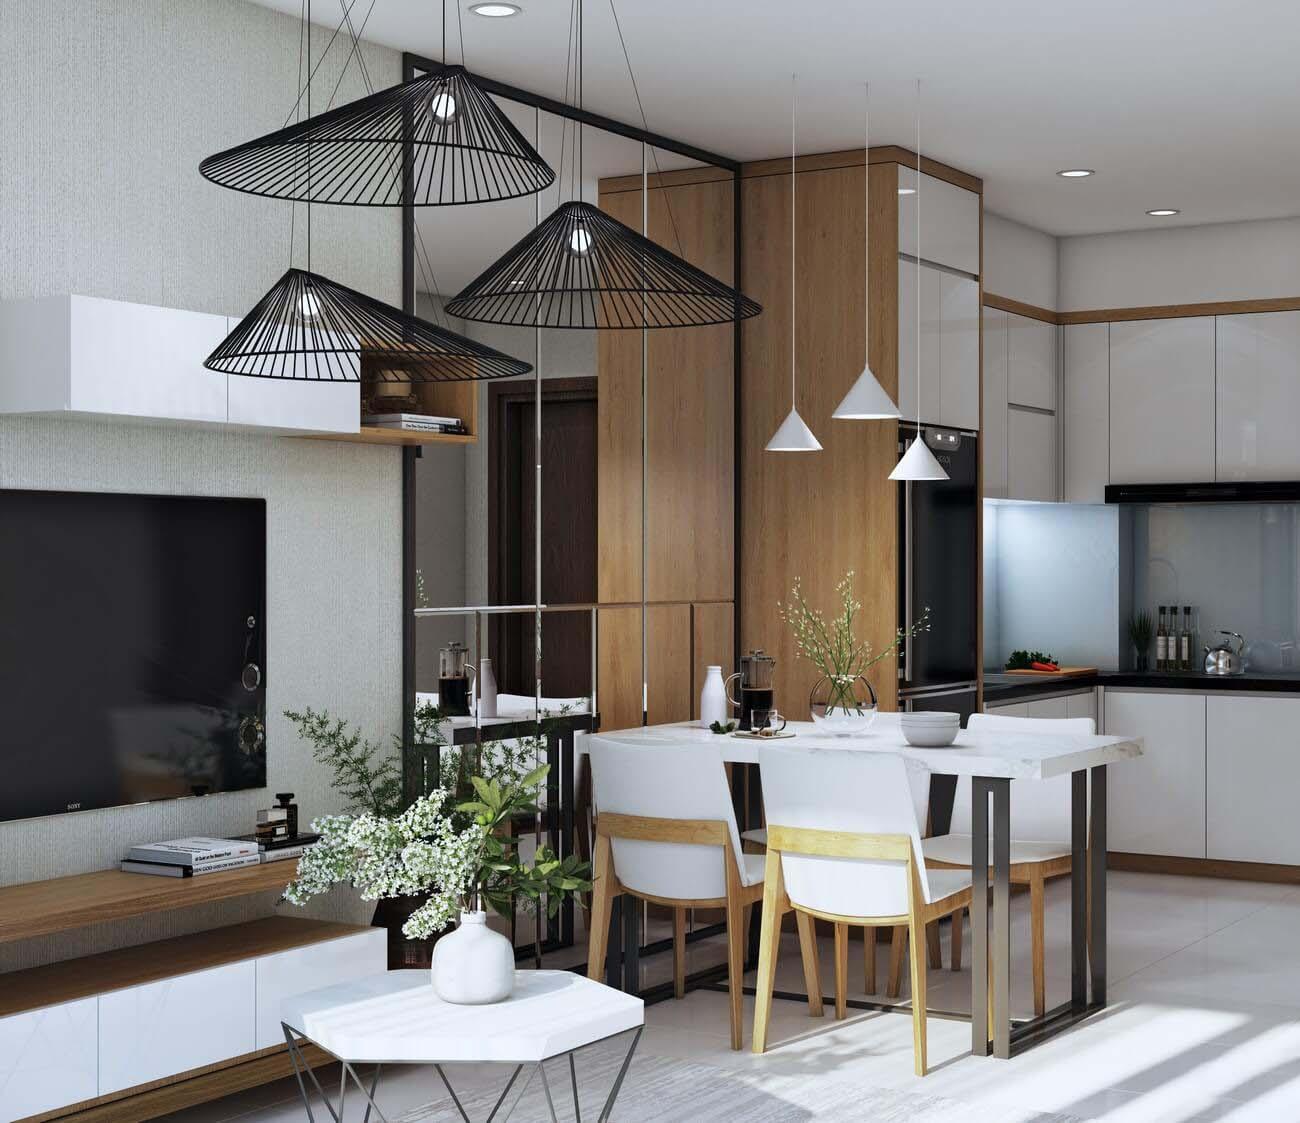 Phòng bếp căn hộ chung cư Bcons Suối Tiên Loại B Dĩ An Đường Tân Lập chủ đầu tư Bcons